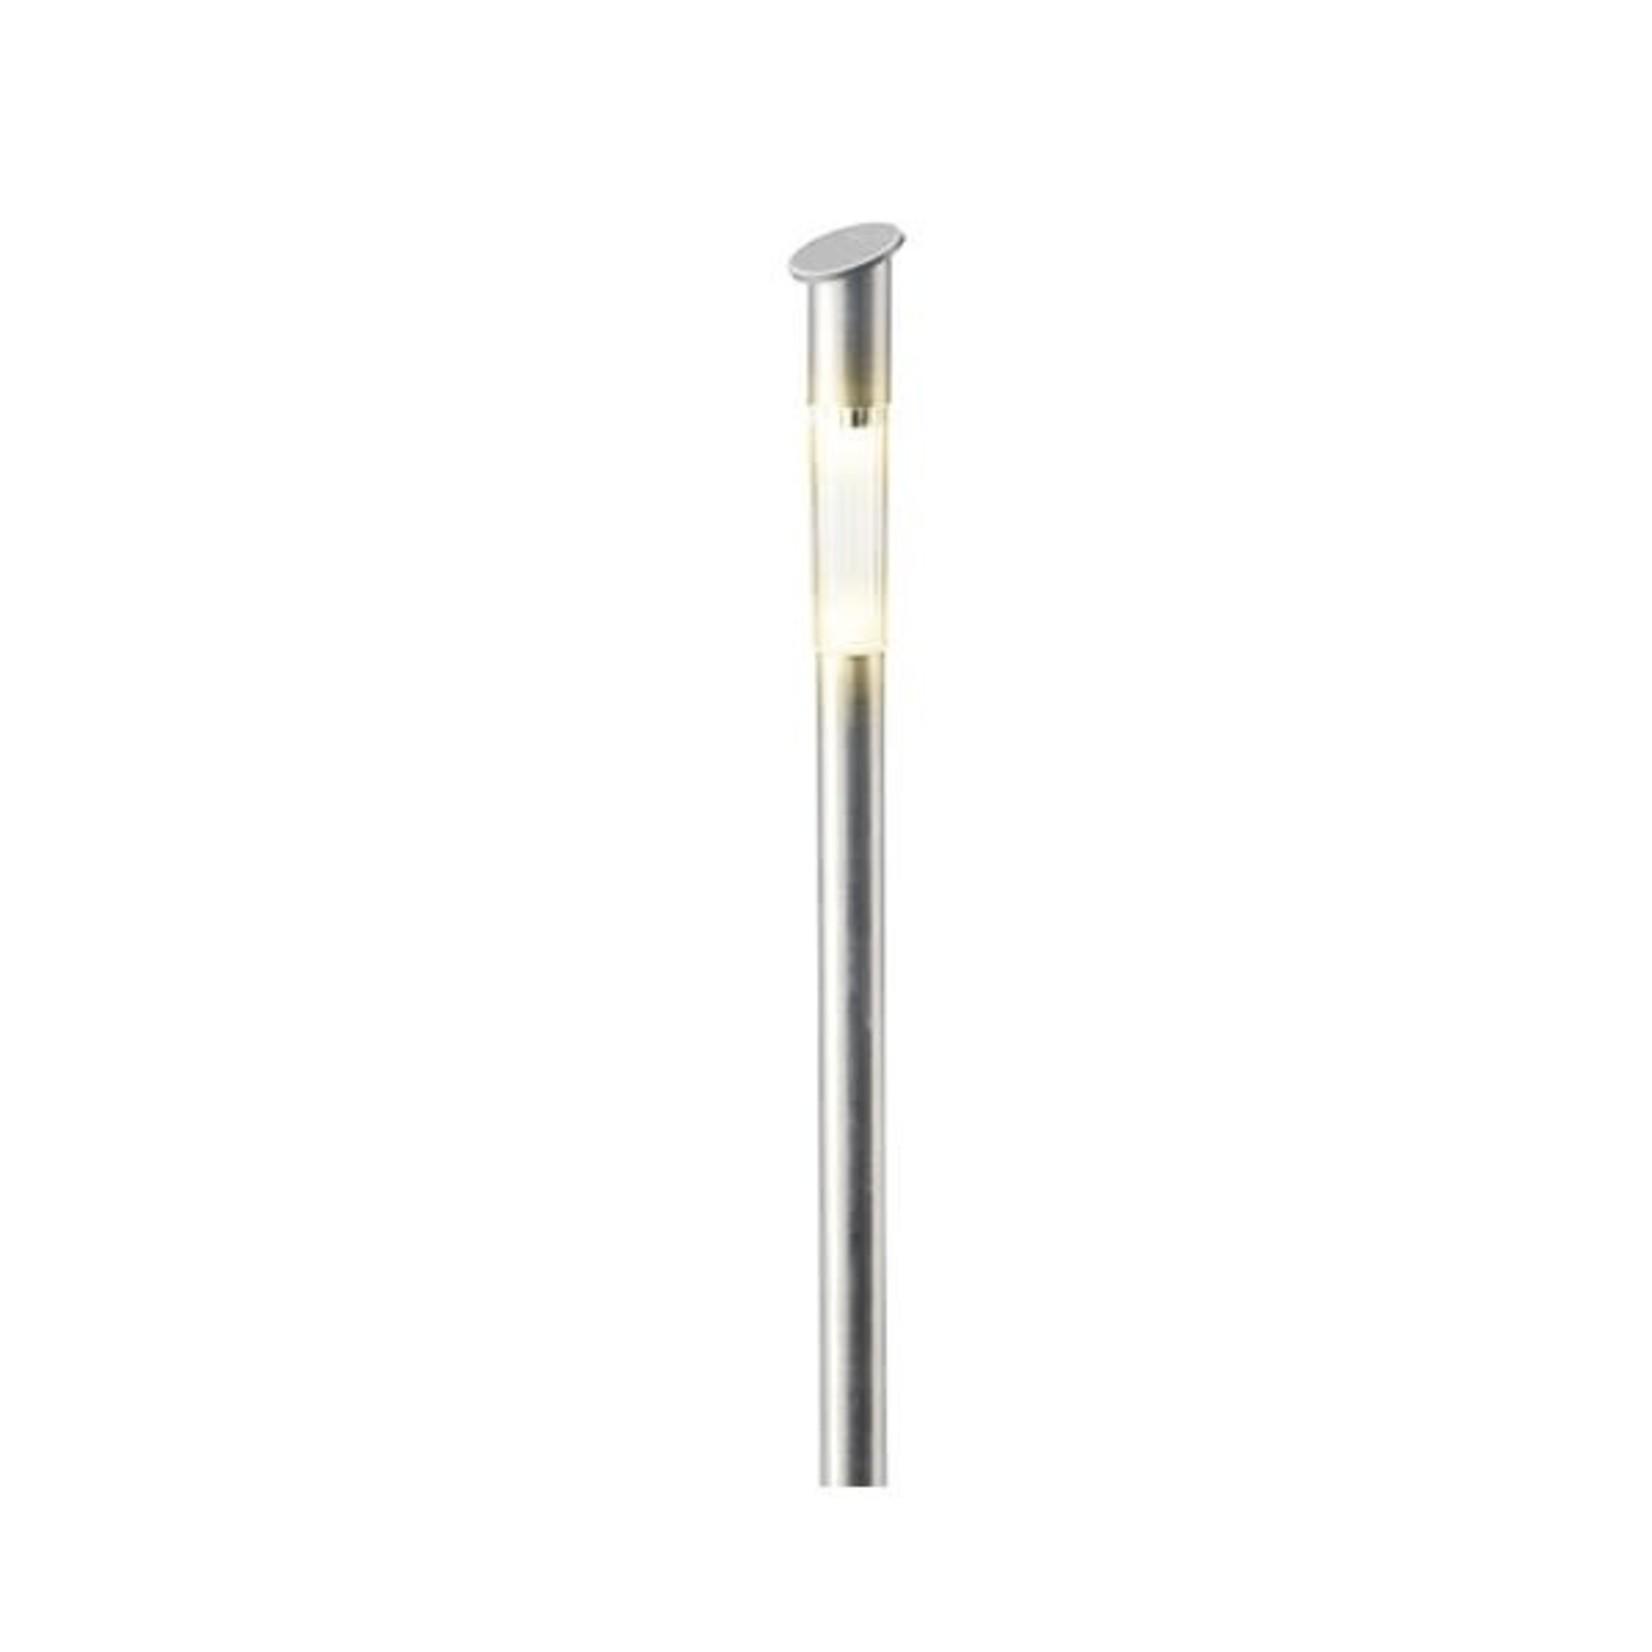 Solar stake light stainl steel